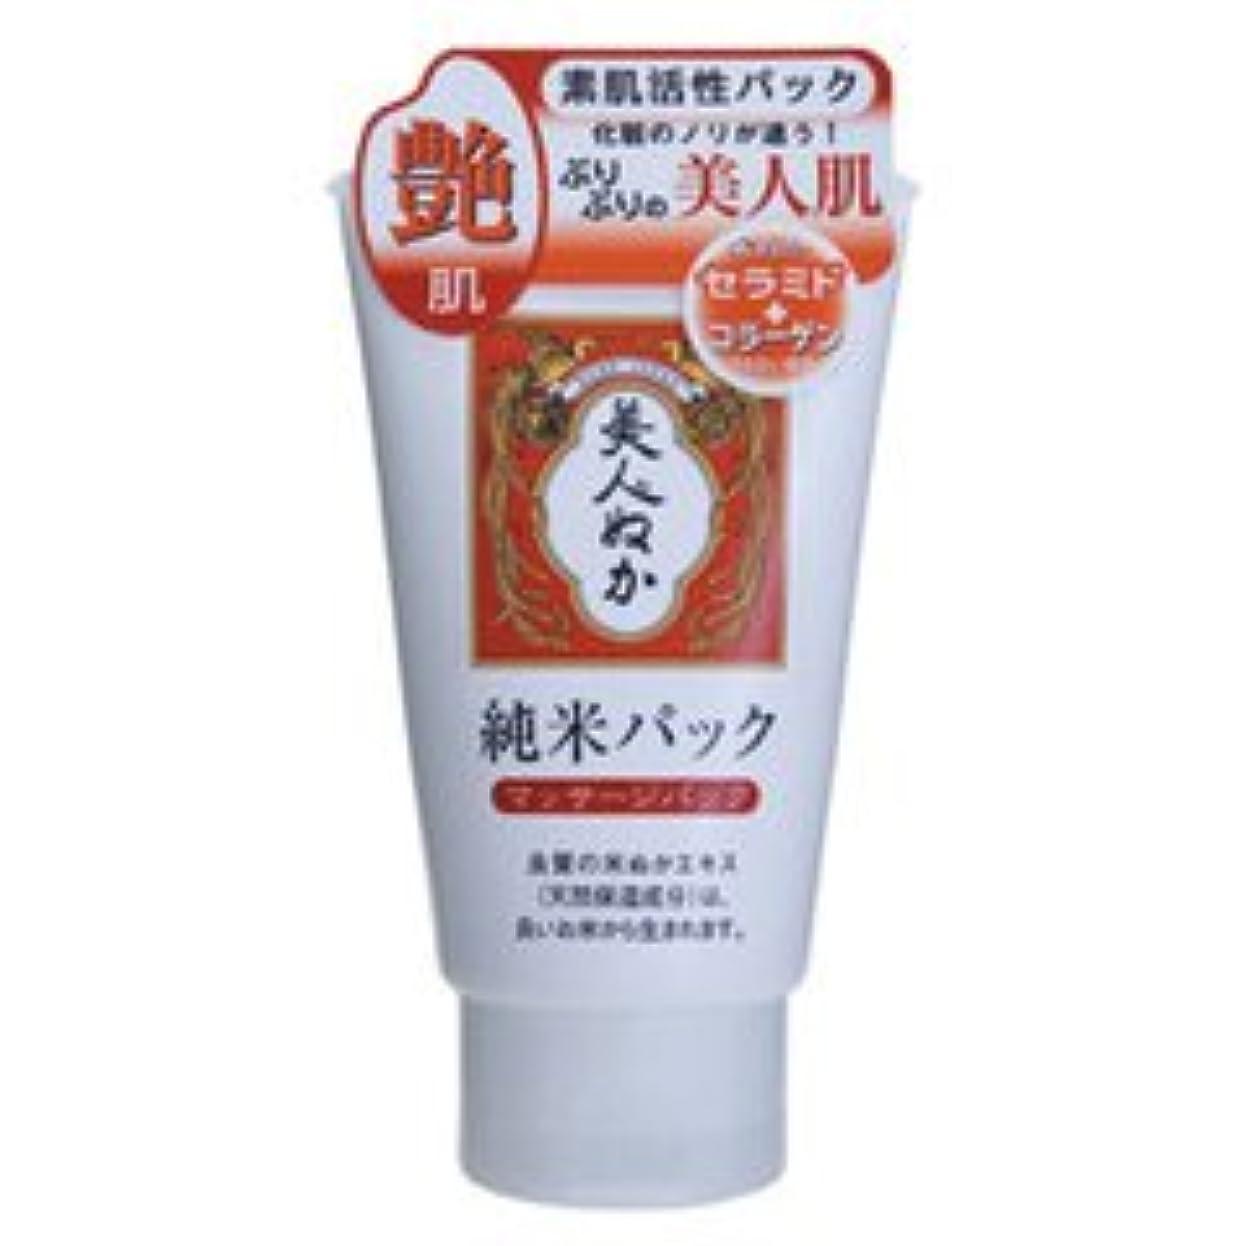 単独で異常なテンポ純米パック マッサージパック(100g)